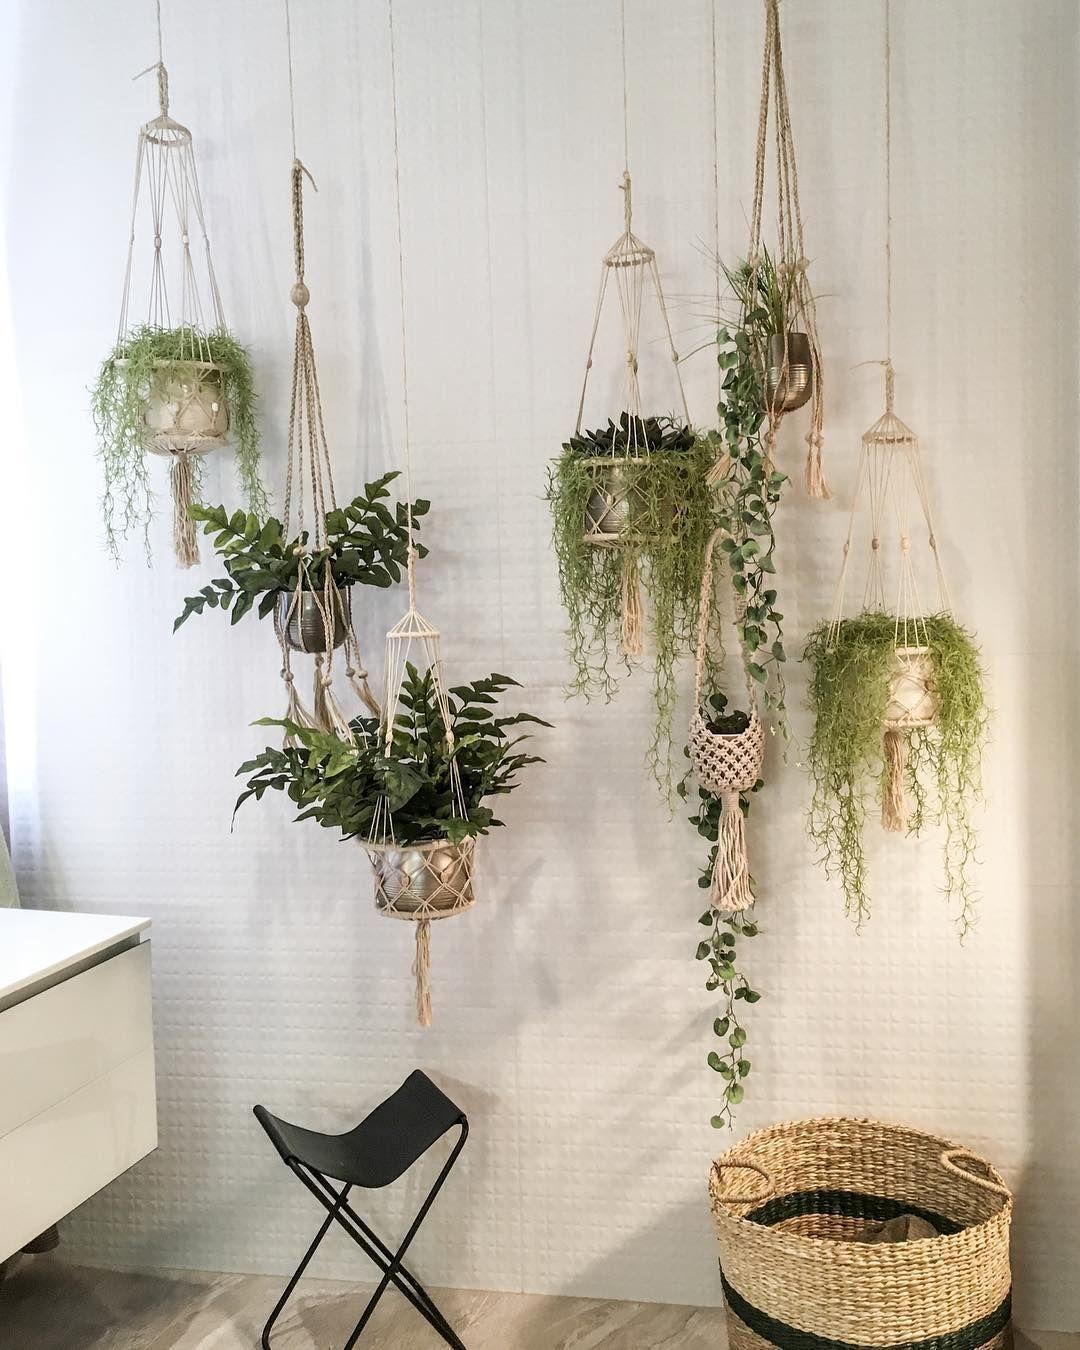 Badezimmer Deko Ideen Zum Wohlfuhlen In 2020 Badezimmer Deko Dekoration Badezimmer Naturliche Dekoration